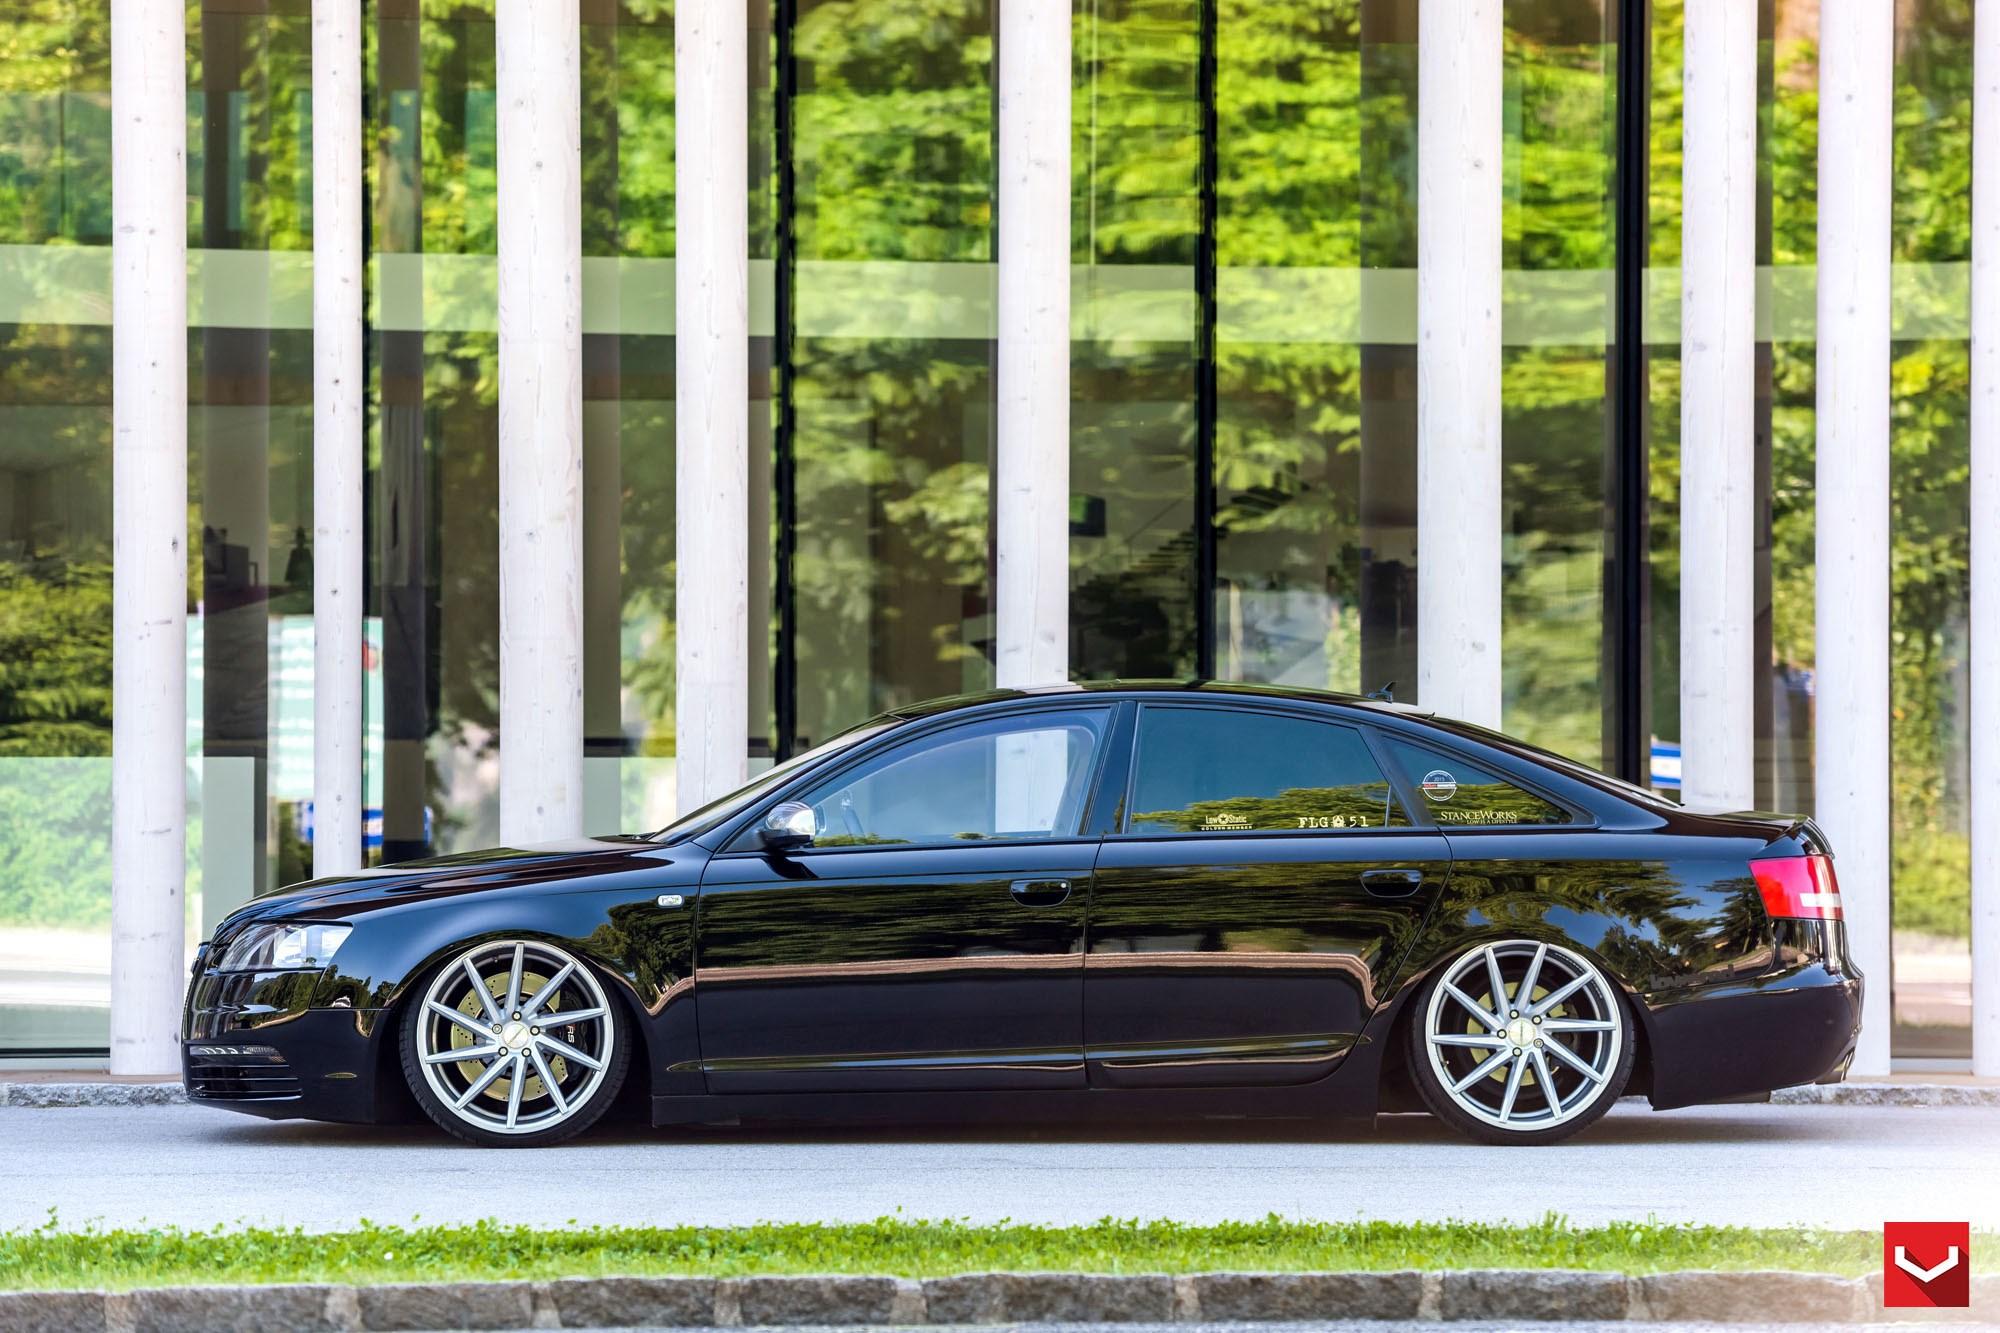 Audi A6 Vossen Cvt Vossen Wheels